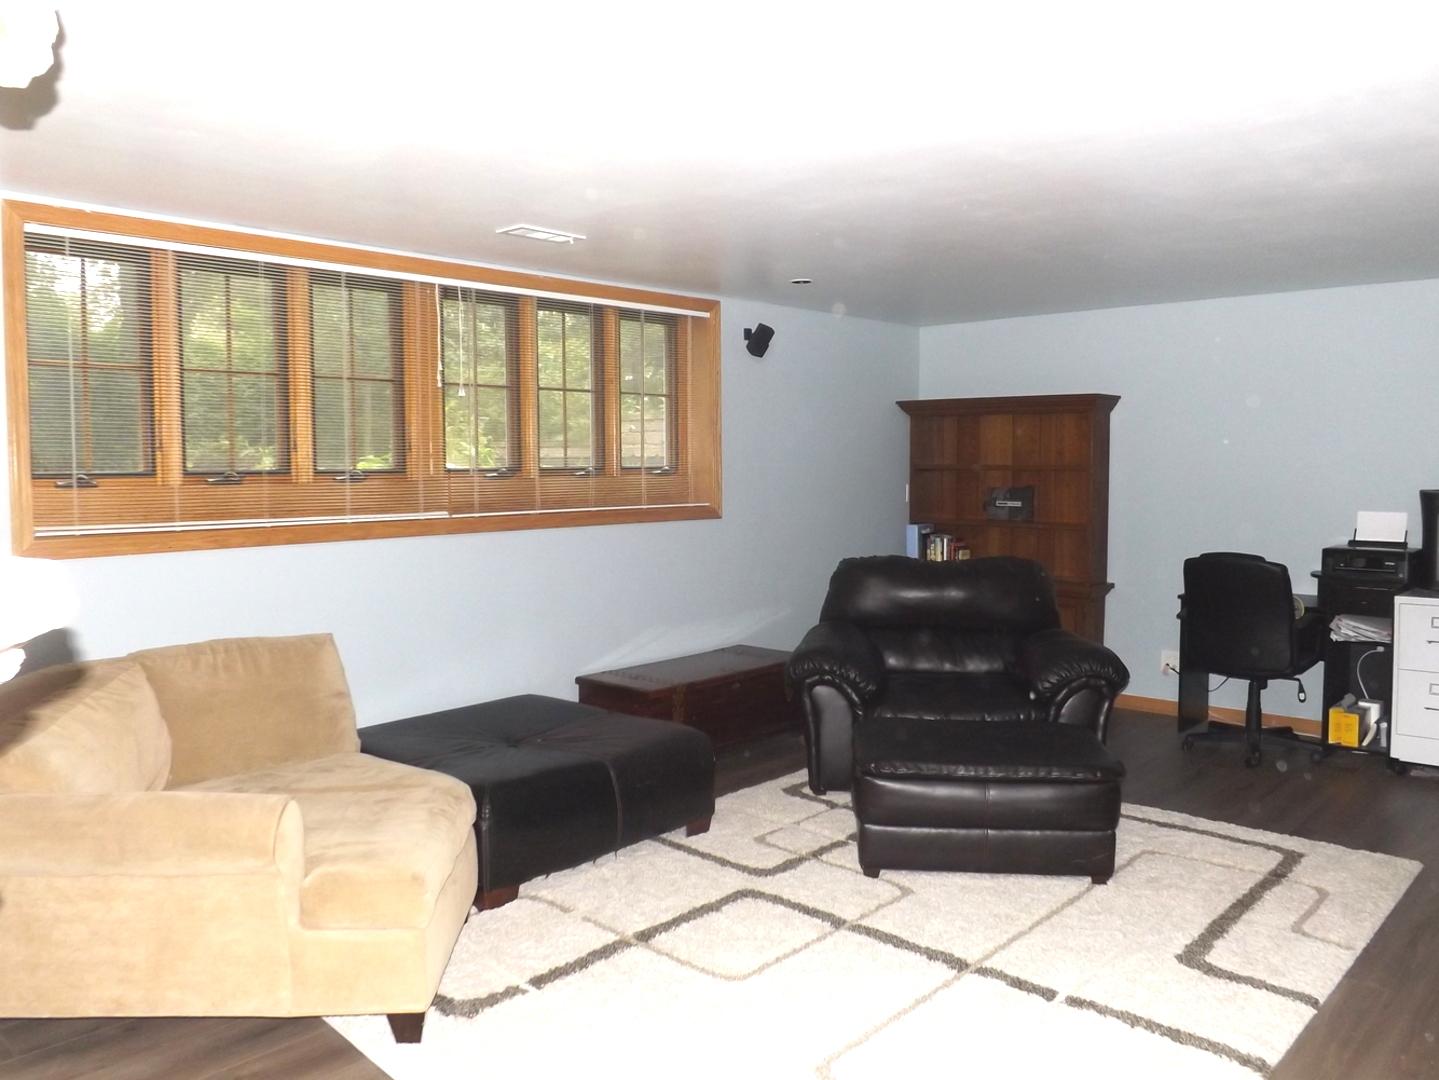 427 Cable ,Schaumburg, Illinois 60193